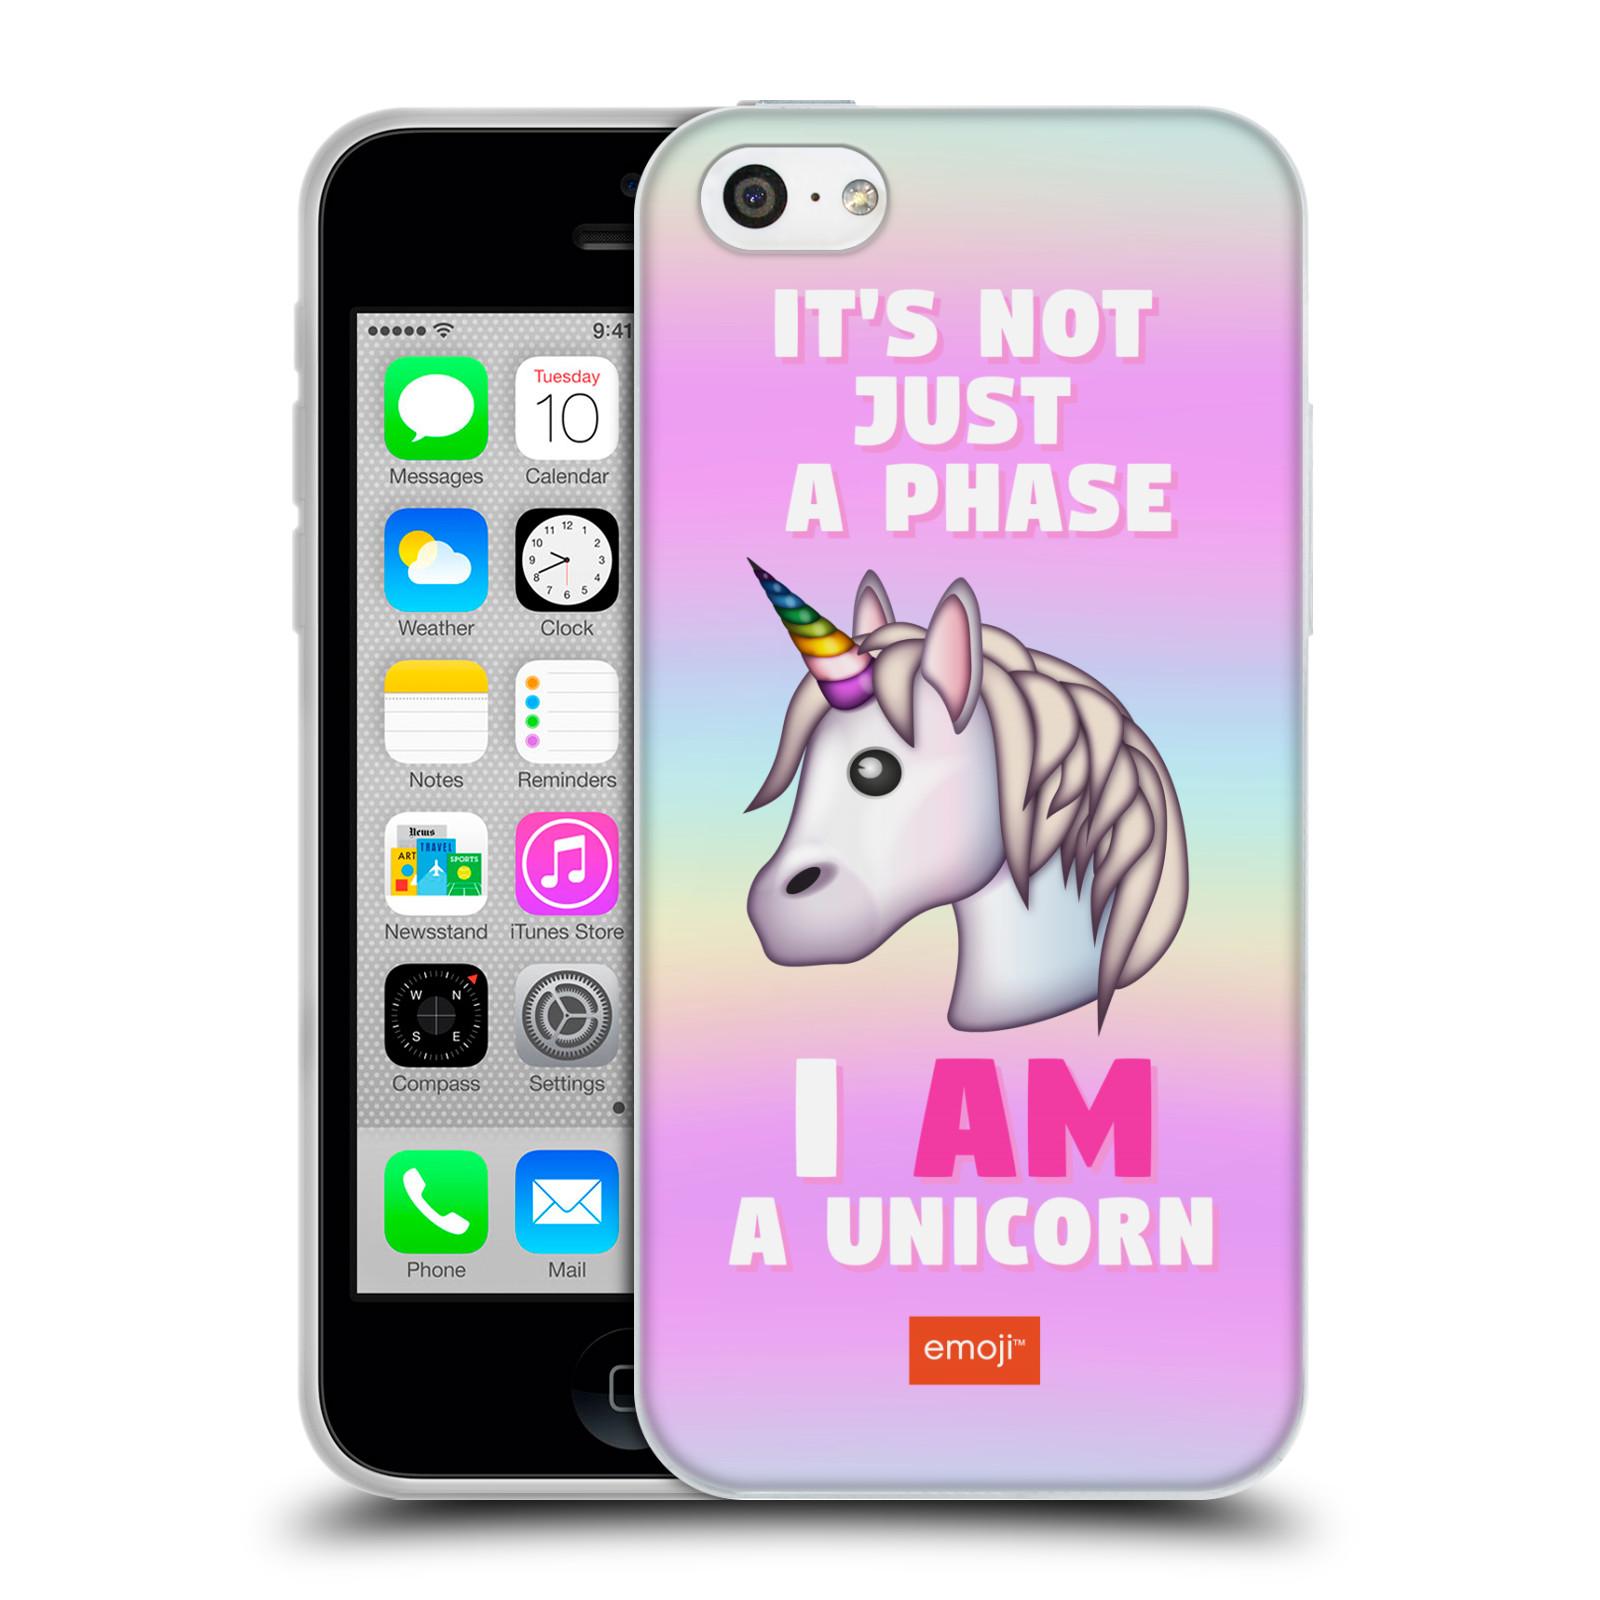 HEAD CASE silikonový obal na mobil Apple Iphone 5C smajlíci oficiální kryt  EMOJI vzor jednorožec růžová I AM UNICORN b42a8eedbd8